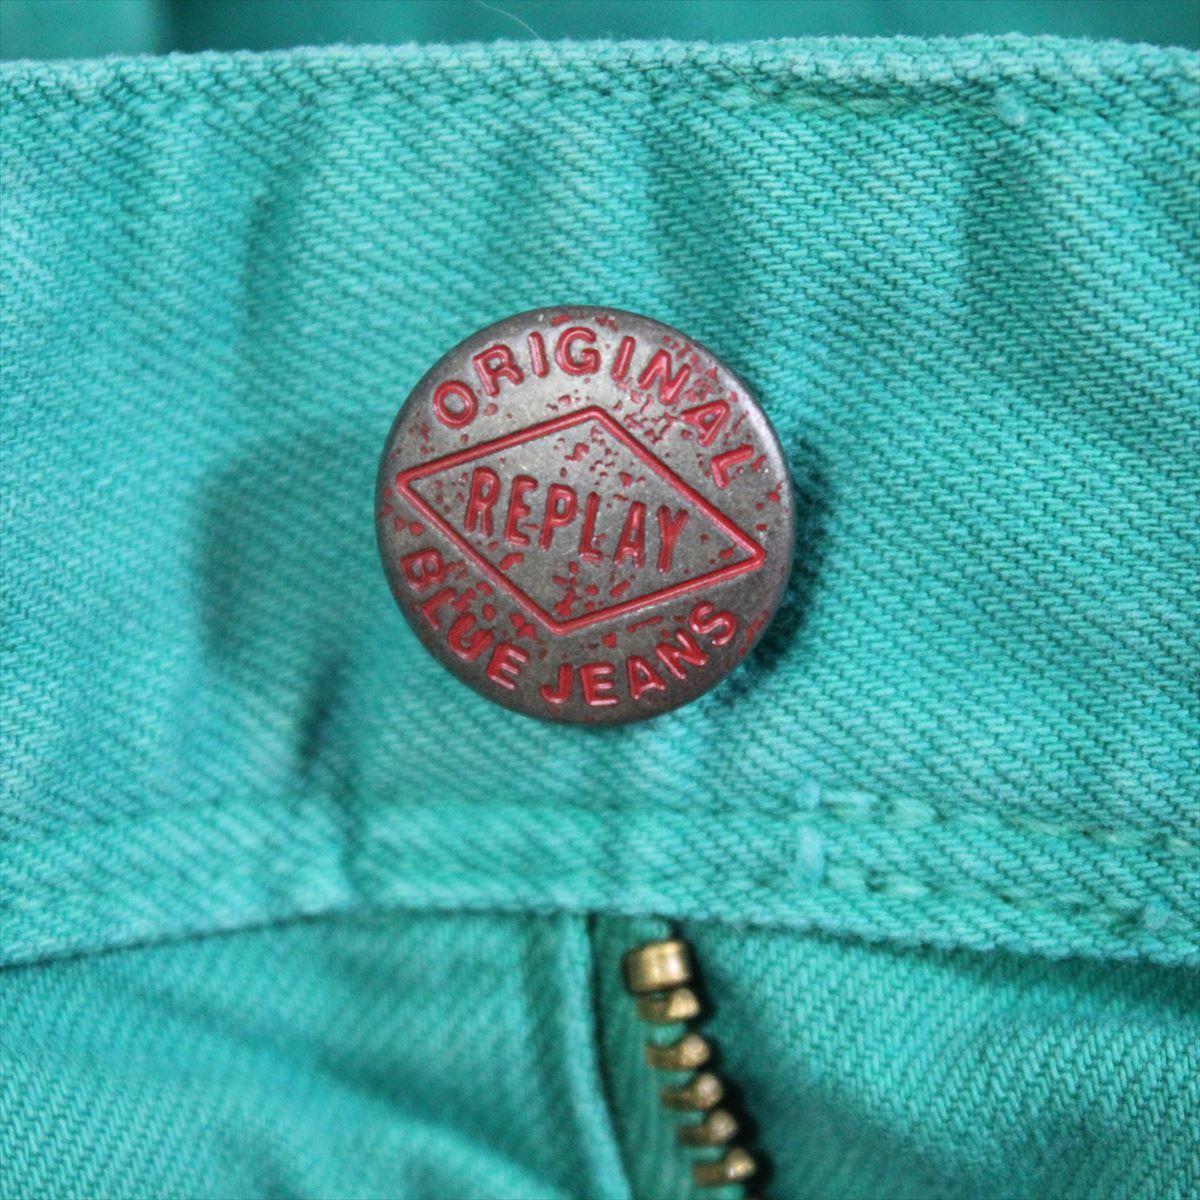 リプレイ REPLAY メンズカラーパンツ ジーンズ デニムパンツ SLIM グリーン 34インチ 新品 REPLAY BLUE JEANS anbass slim jeans_画像2